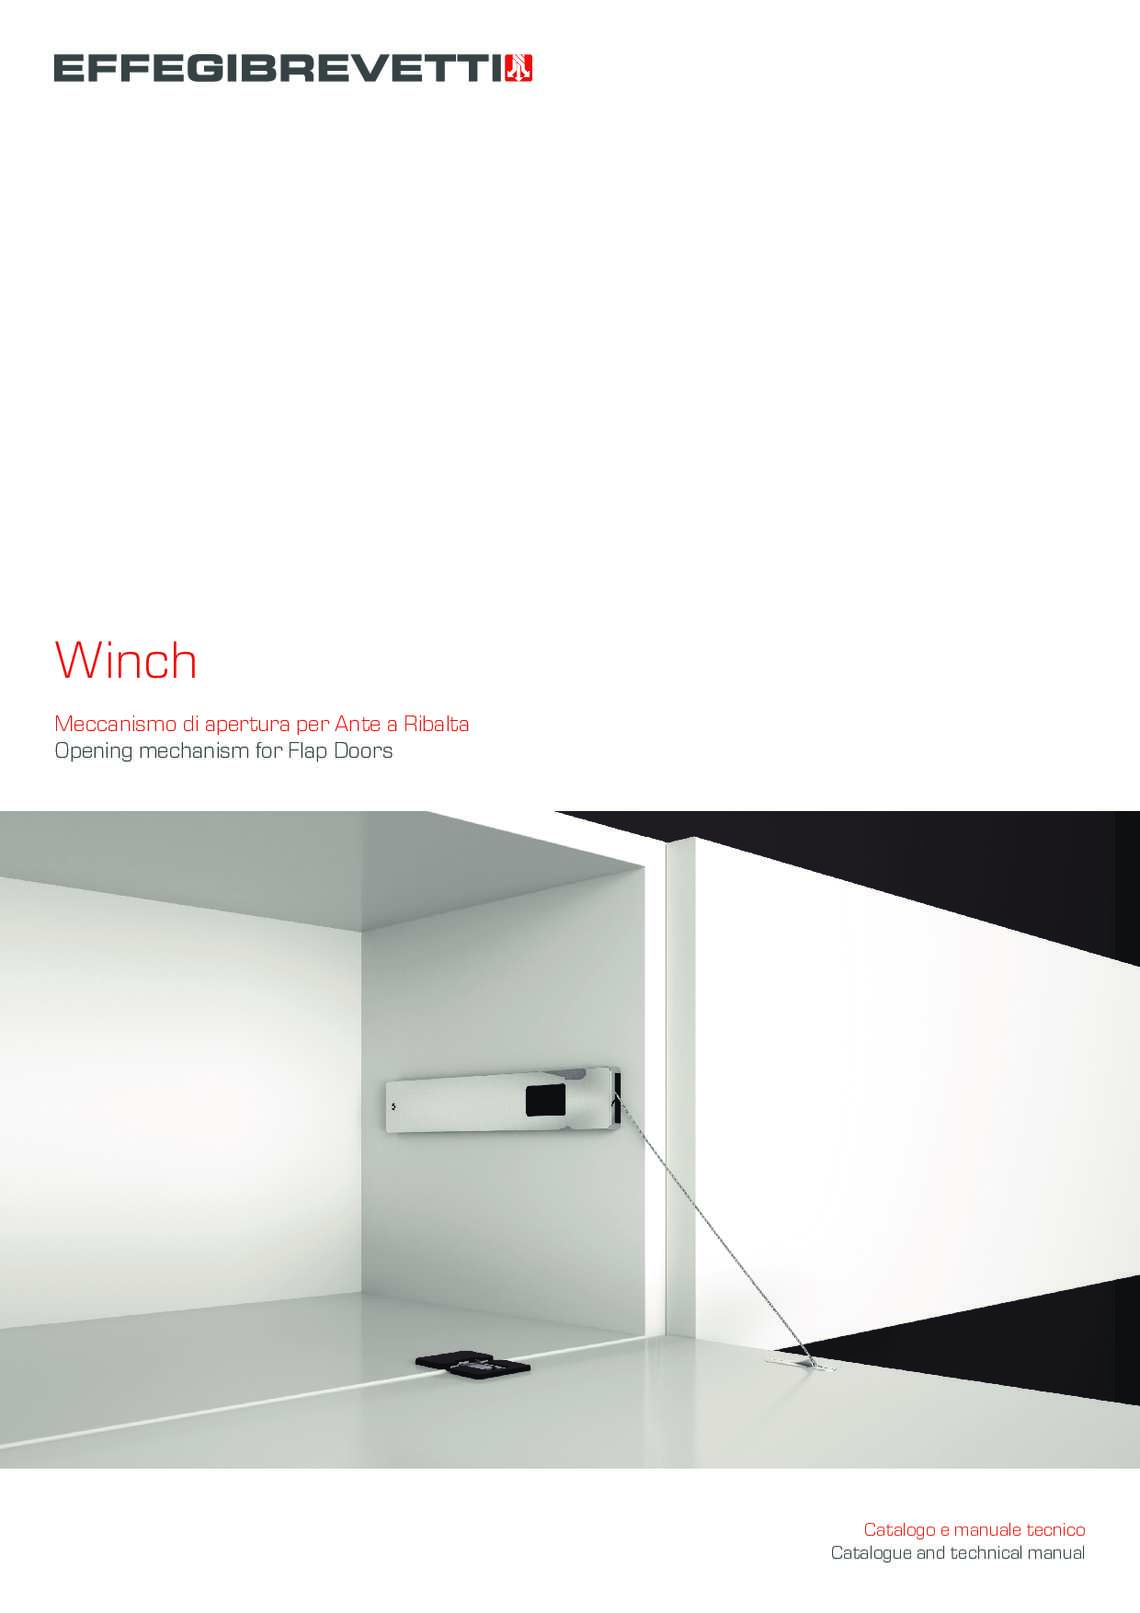 Winch Meccanismo per Ante a Ribalta Effegibrevetti